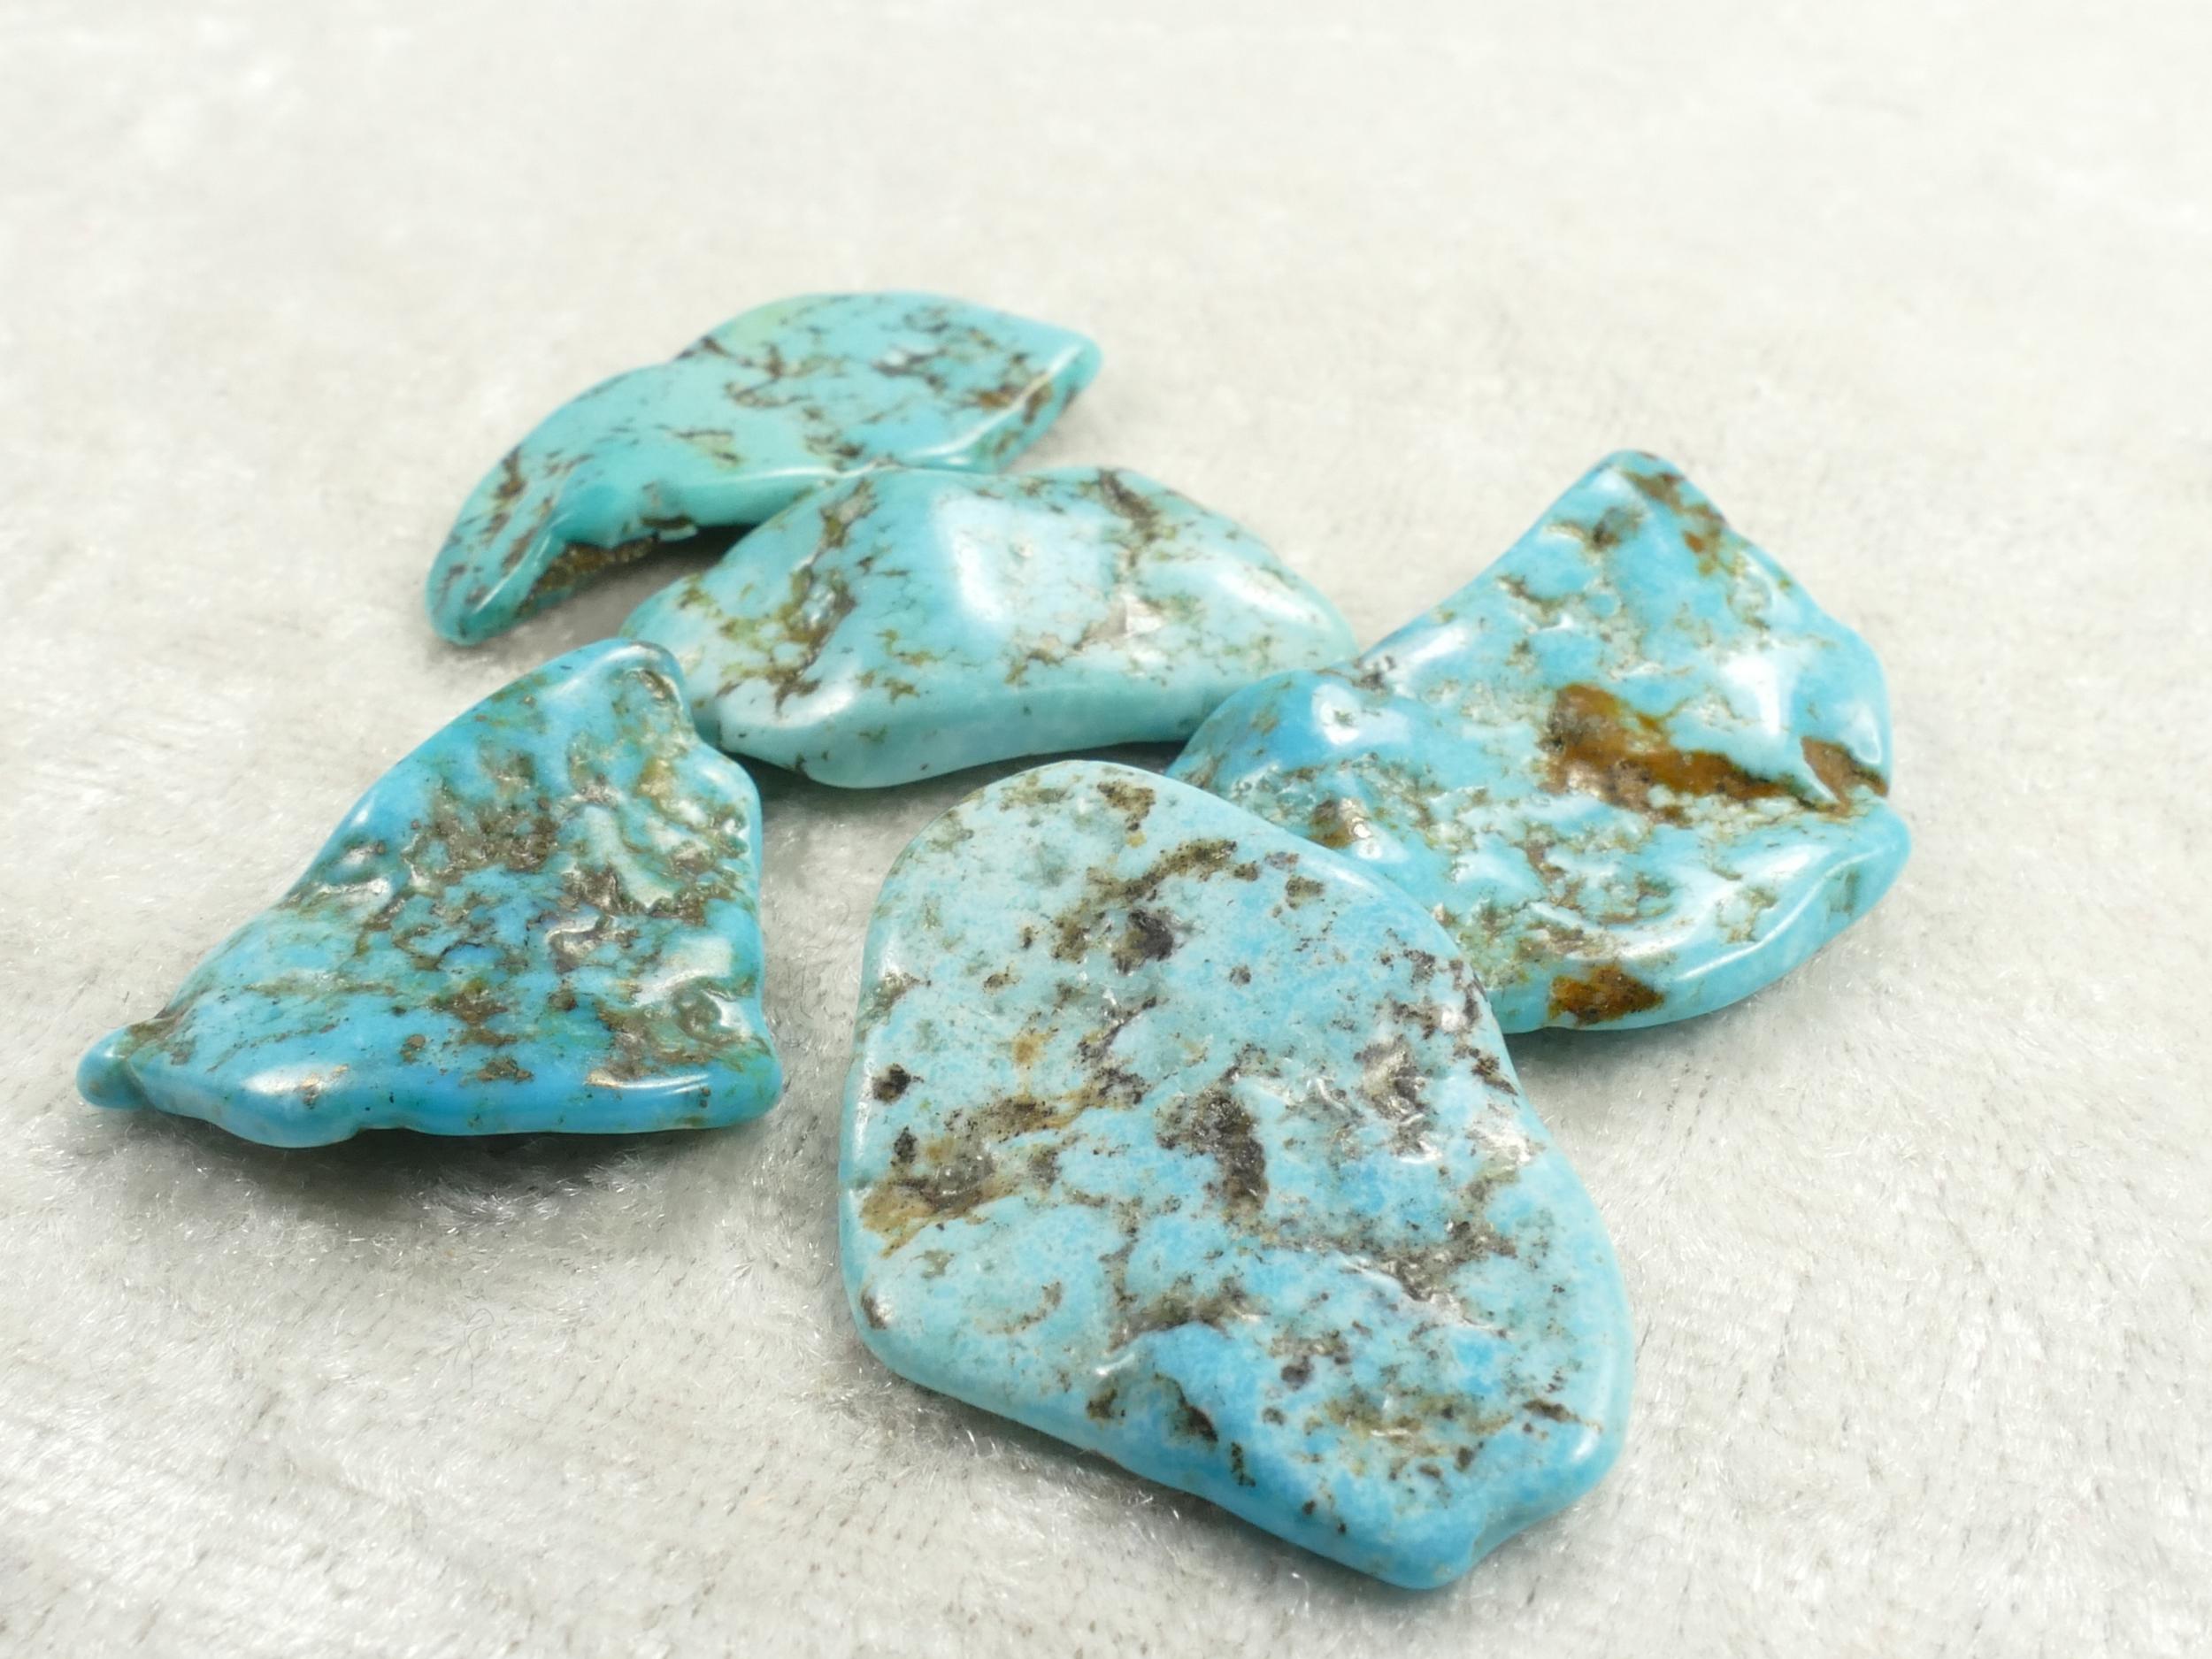 5 Turquoise naturelle en morceau roulé avec matrice de Mongolie 11.23g lot (#PK627)